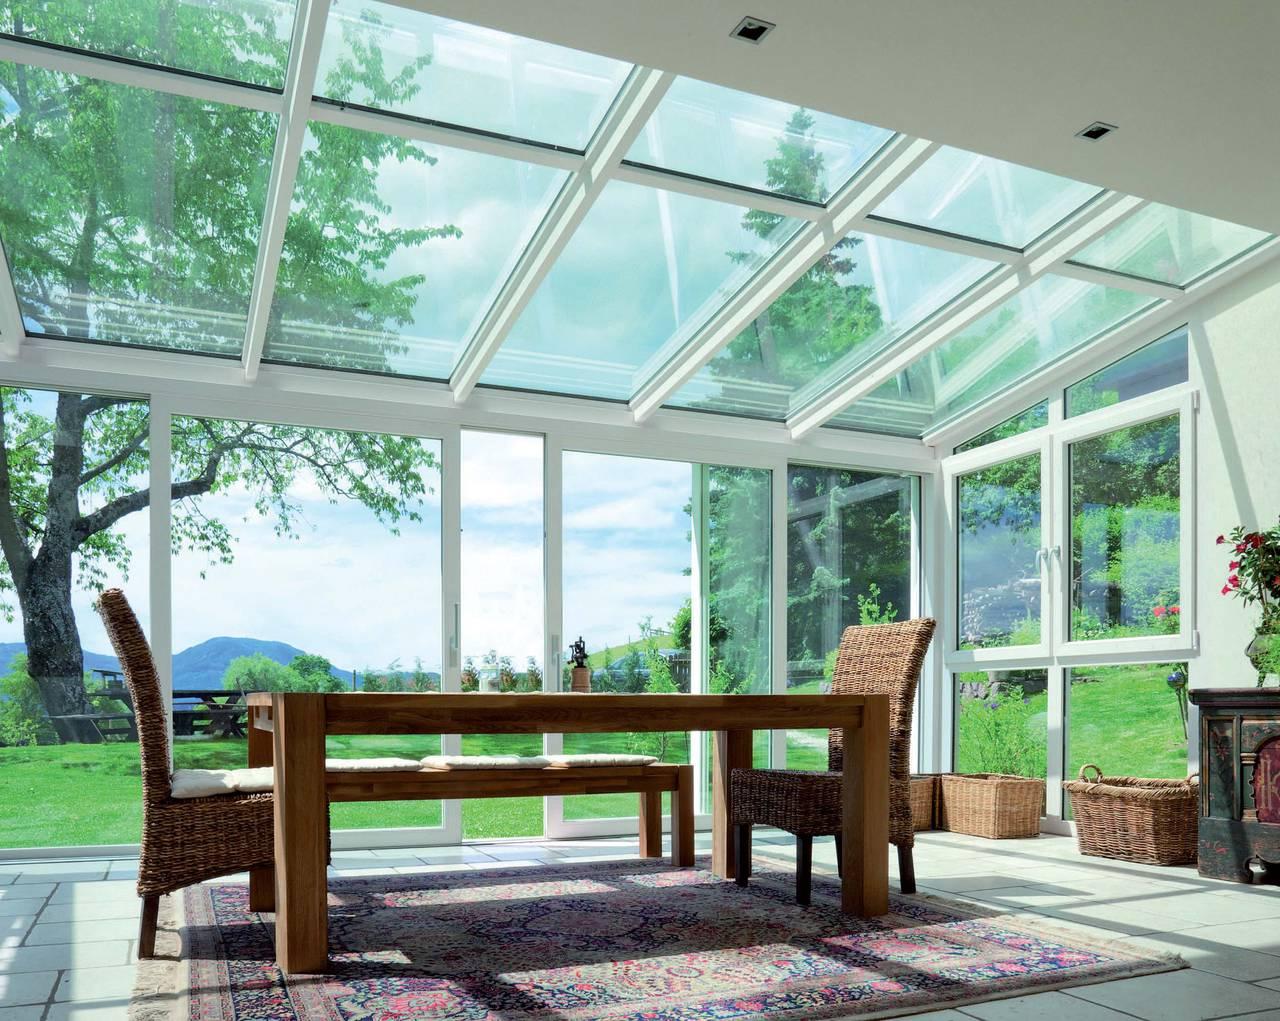 Verande vetrate finstral in pvc ad alto valore termoisolante - Finestre doppi vetri prezzi ...